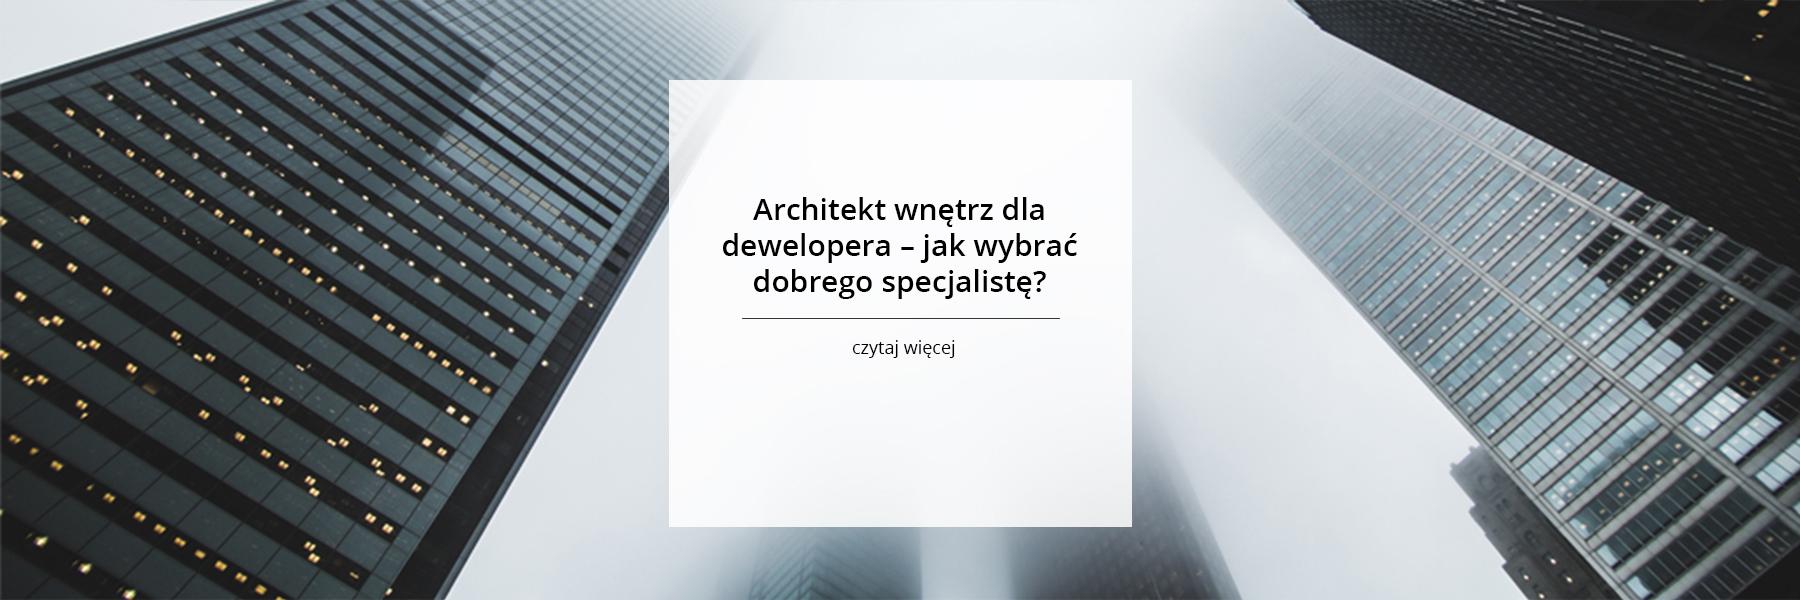 Architekt wnętrz dla dewelopera – jak wybrać dobrego specjalistę?